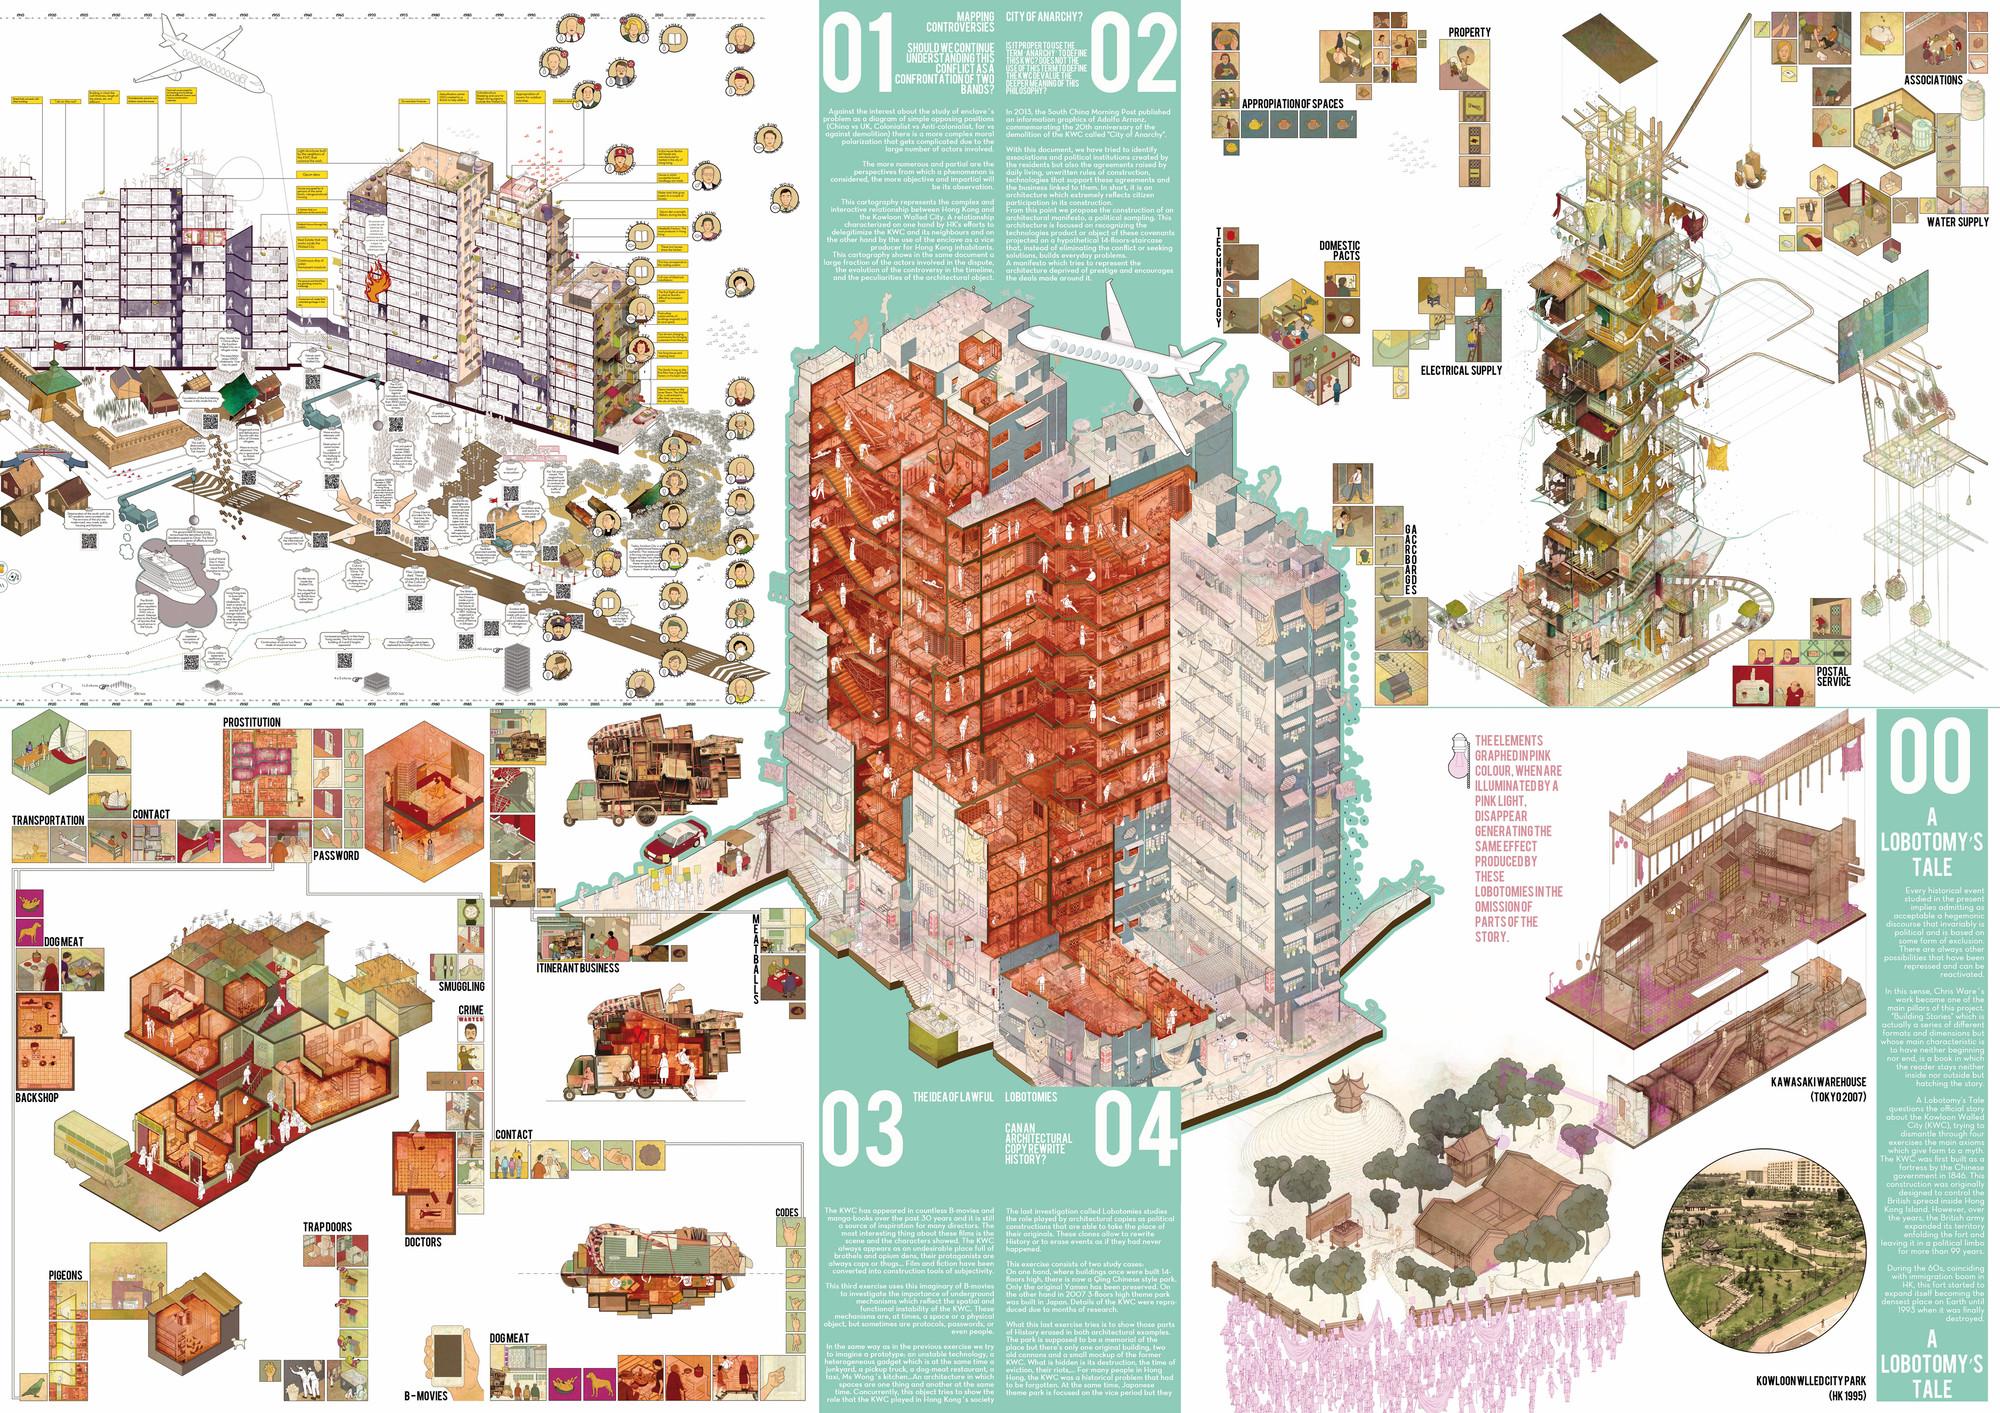 'Historia de una lobotomía', una investigación sobre la ciudad amurallada de Kowloon, Cortesia de David Jiménez y María Ángeles Peñalver